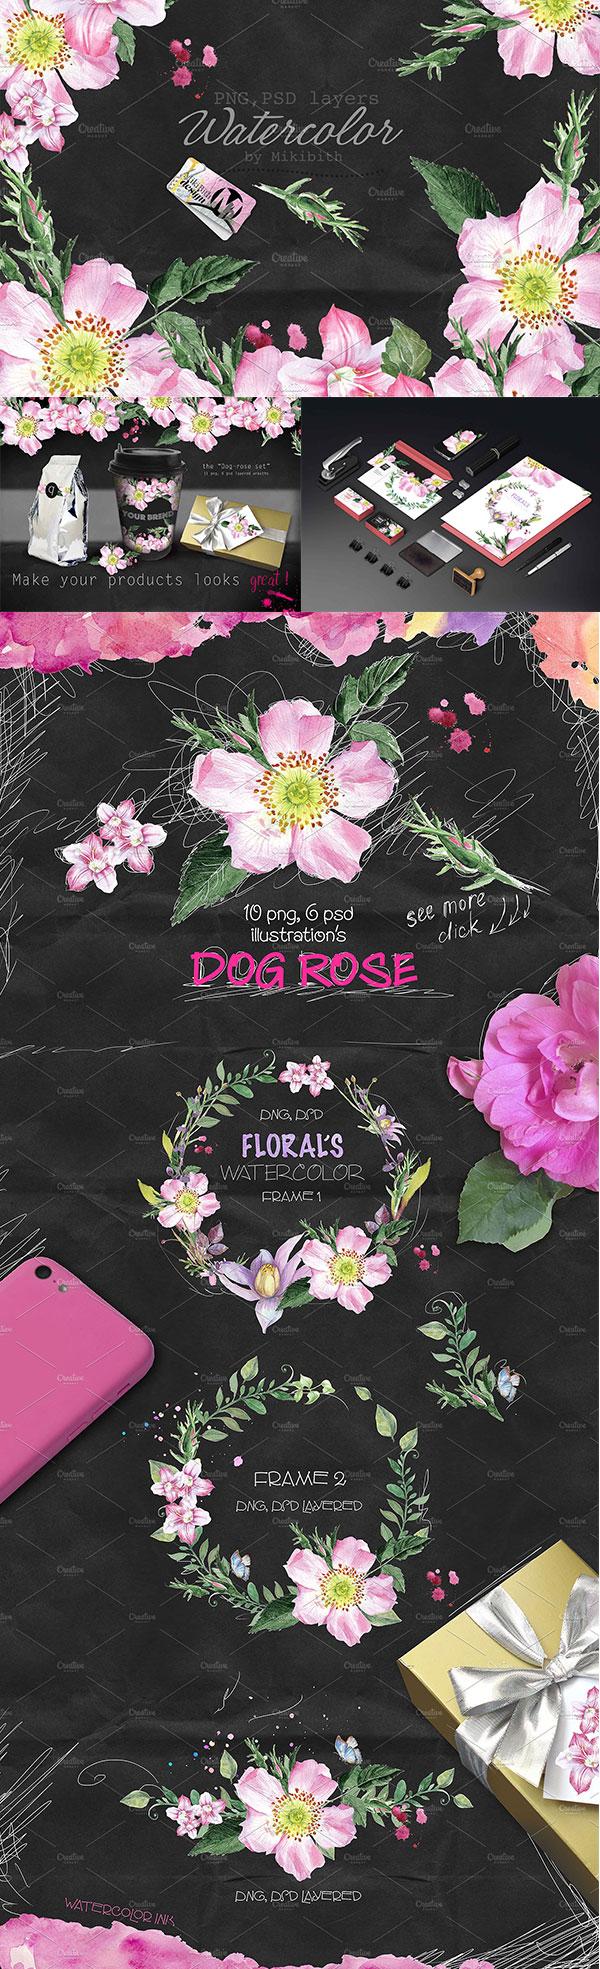 漂亮的犬蔷薇手绘主题psd分层素材,花卉边框,野玫瑰,叶子,黑色背景纸